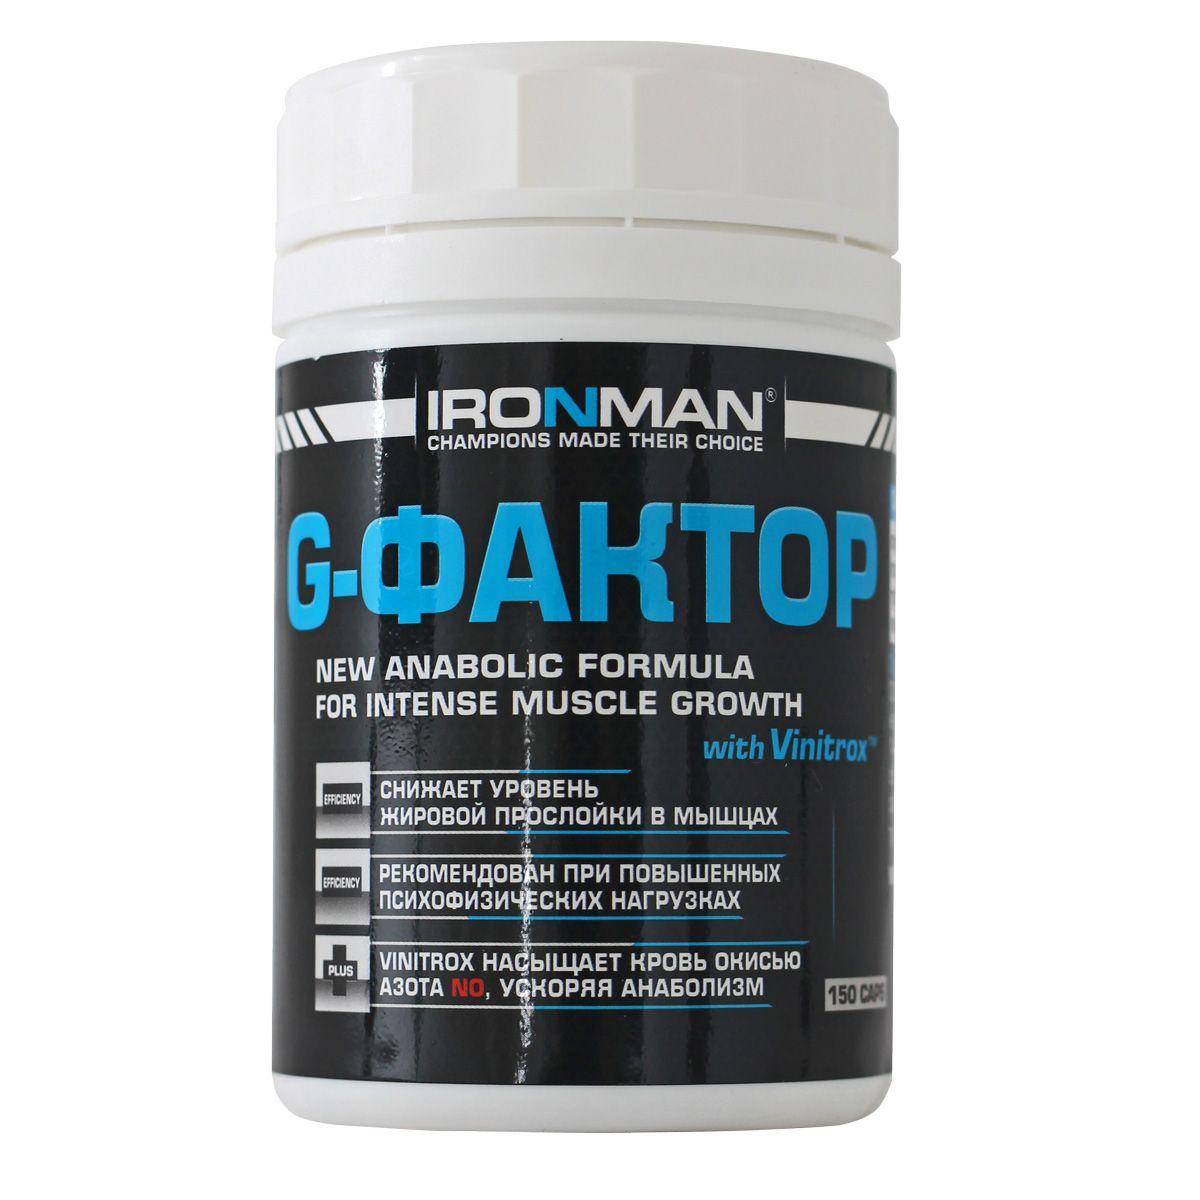 Ironman Джи-фактор, 150 капсул4607062750285Гроус Фактор (G-Фактор) - это смесь L-орнитина, L-аргинина и L-лизина. Эти аминокислоты, взятые в специальном соотношении, при интенсивной силовой нагрузке эффективно стимулируют выработку гипофизом соматотропного гормона (гормона роста), что в свою очередь приводит к снижению уровня жировой прослойки в мышцах и росту мускулатуры. Кроме того, G-Фактор стимулирует иммунную систему, центральную нервную систему, снижает утомляемость, улучшает обмен в опорно-двигательном аппарате (связках, костях). Состав: L-орнитин 420мг, L-аргинин 140мг, L-лизин 40 мг